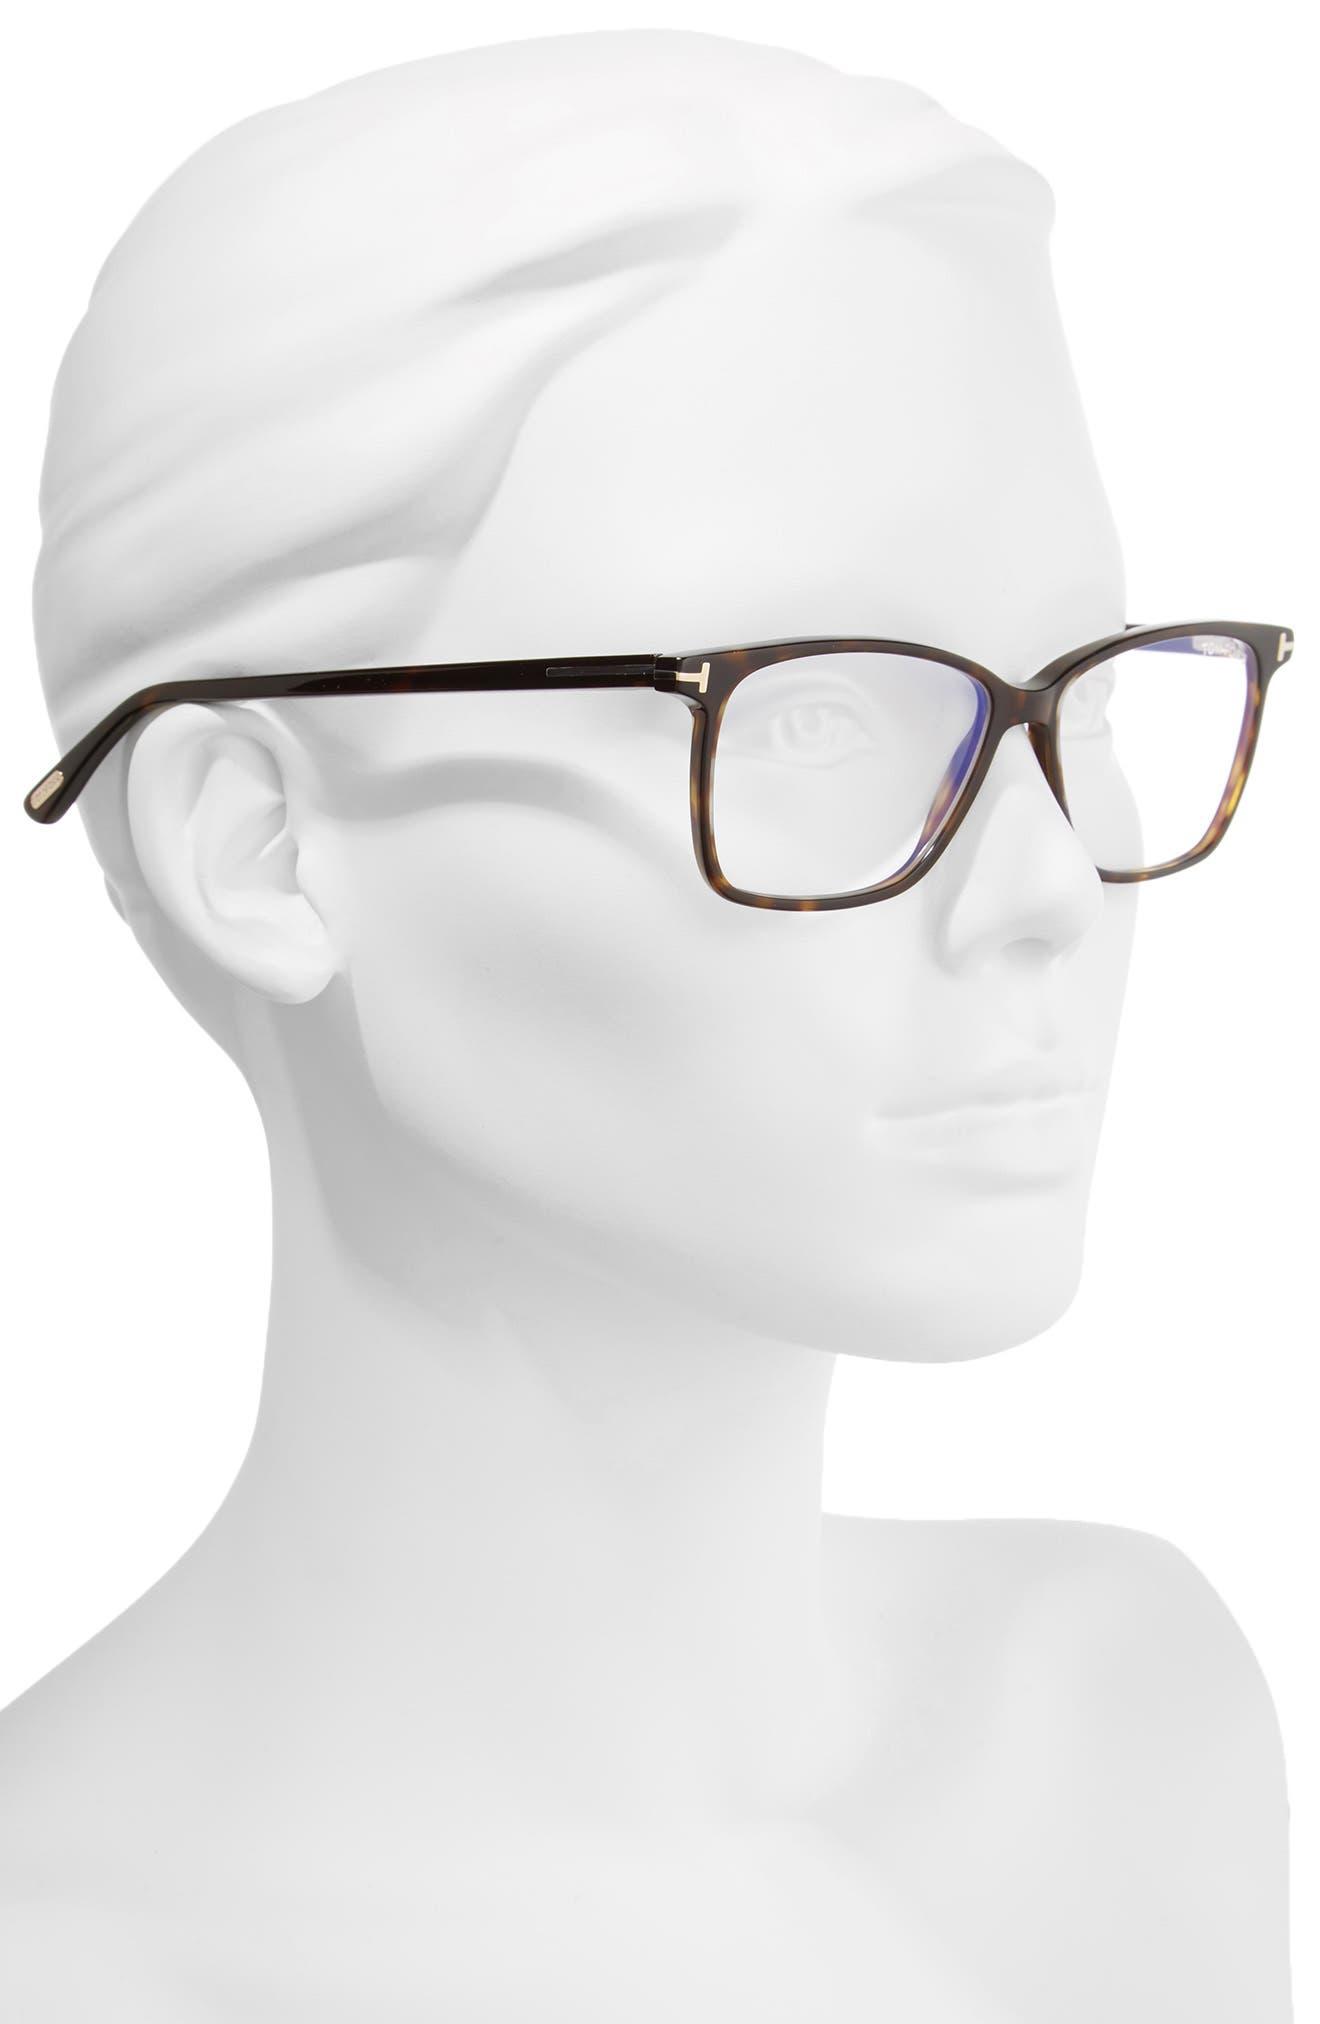 TOM FORD, 55mm Blue Block Optical Glasses, Alternate thumbnail 2, color, DARK HAVANA/ BLUE